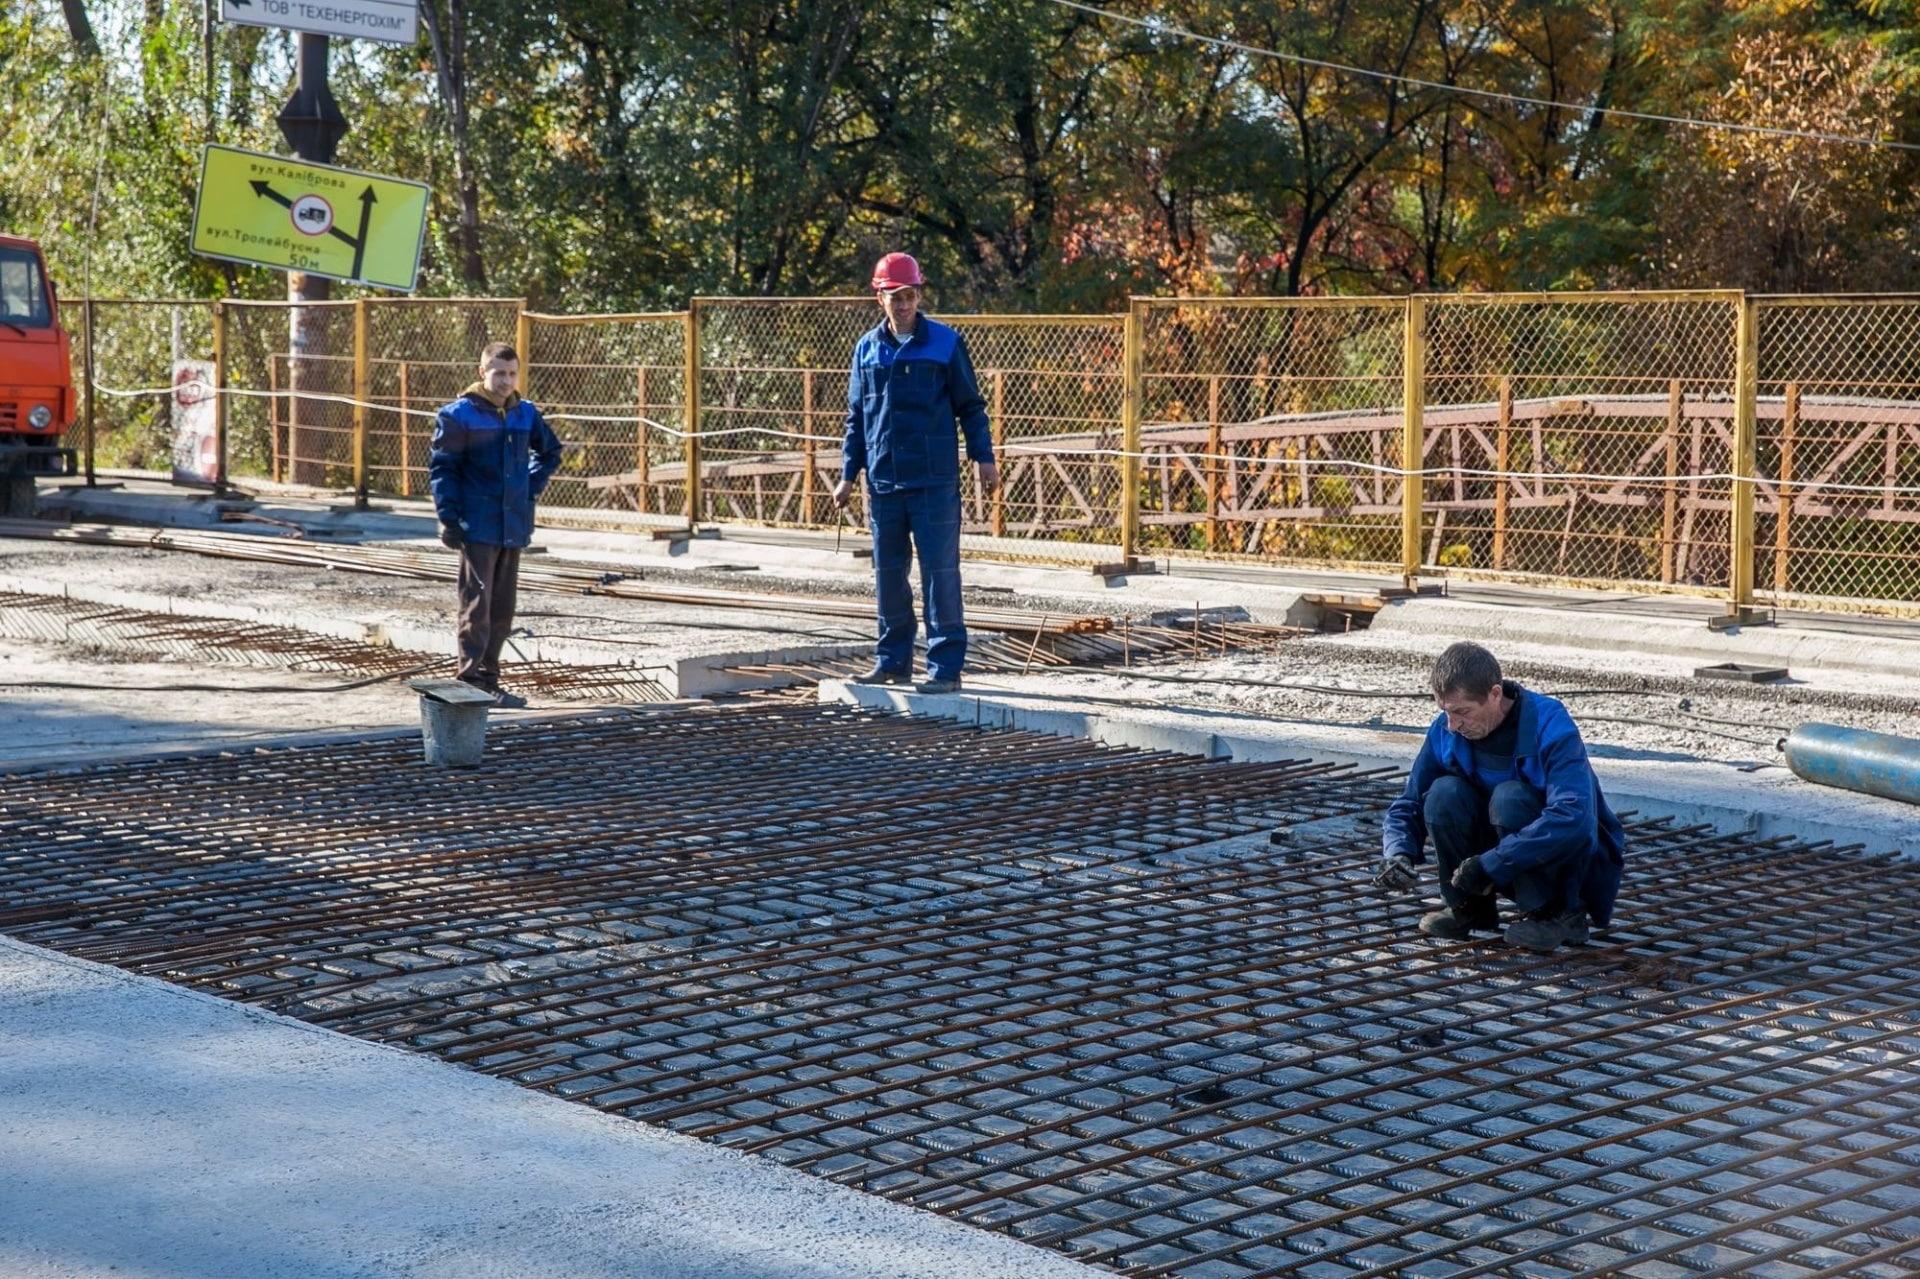 В Заводском районе Запорожья укладывают бесшумные рельсы и «антигололедные» тротуары - ФОТО